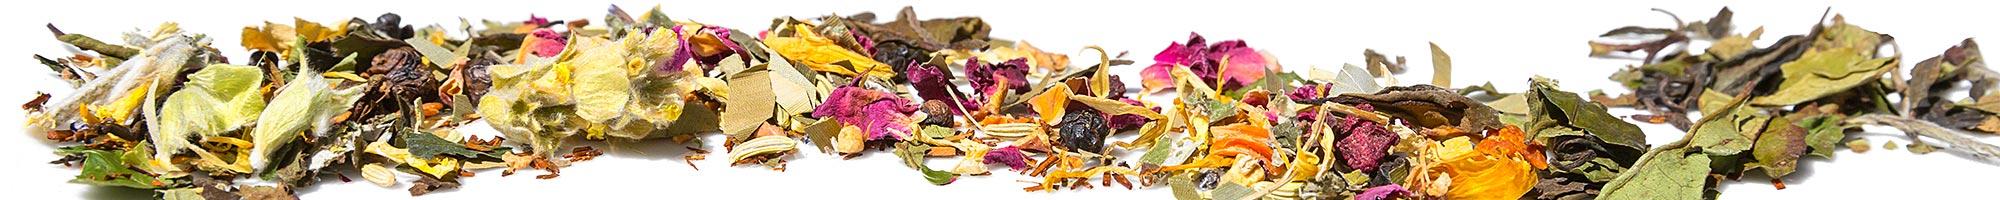 Tee online kaufen bei Ulli´s Confiserie: Schwarzer Tee, Früchtetee, Grüner Tee, Kräutertee, Rotbuschtee